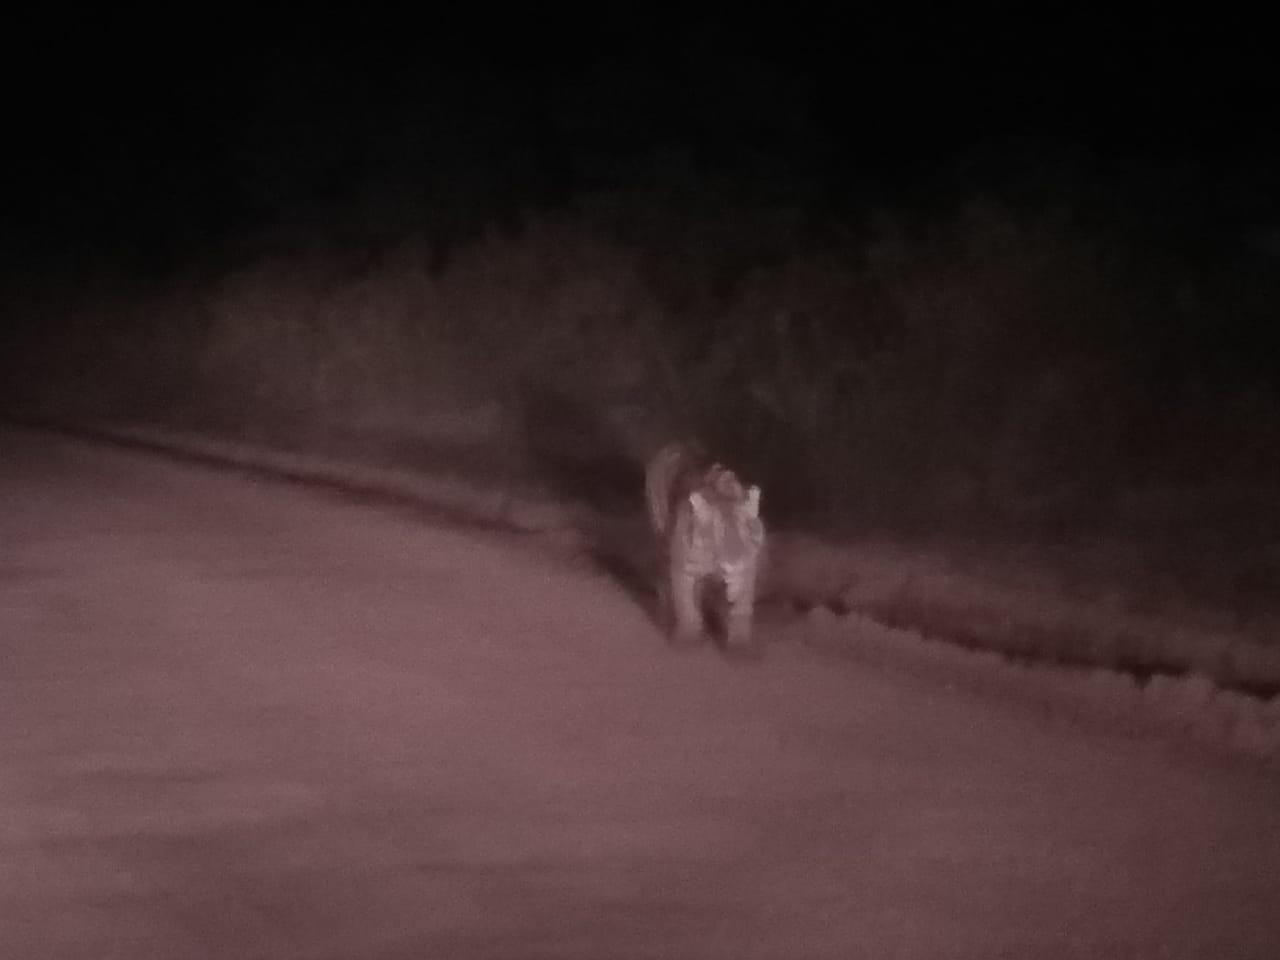 penampakan-harimau-sumatera-di-banyuasin-bukan-di-muba-muba41941566551922.jpg